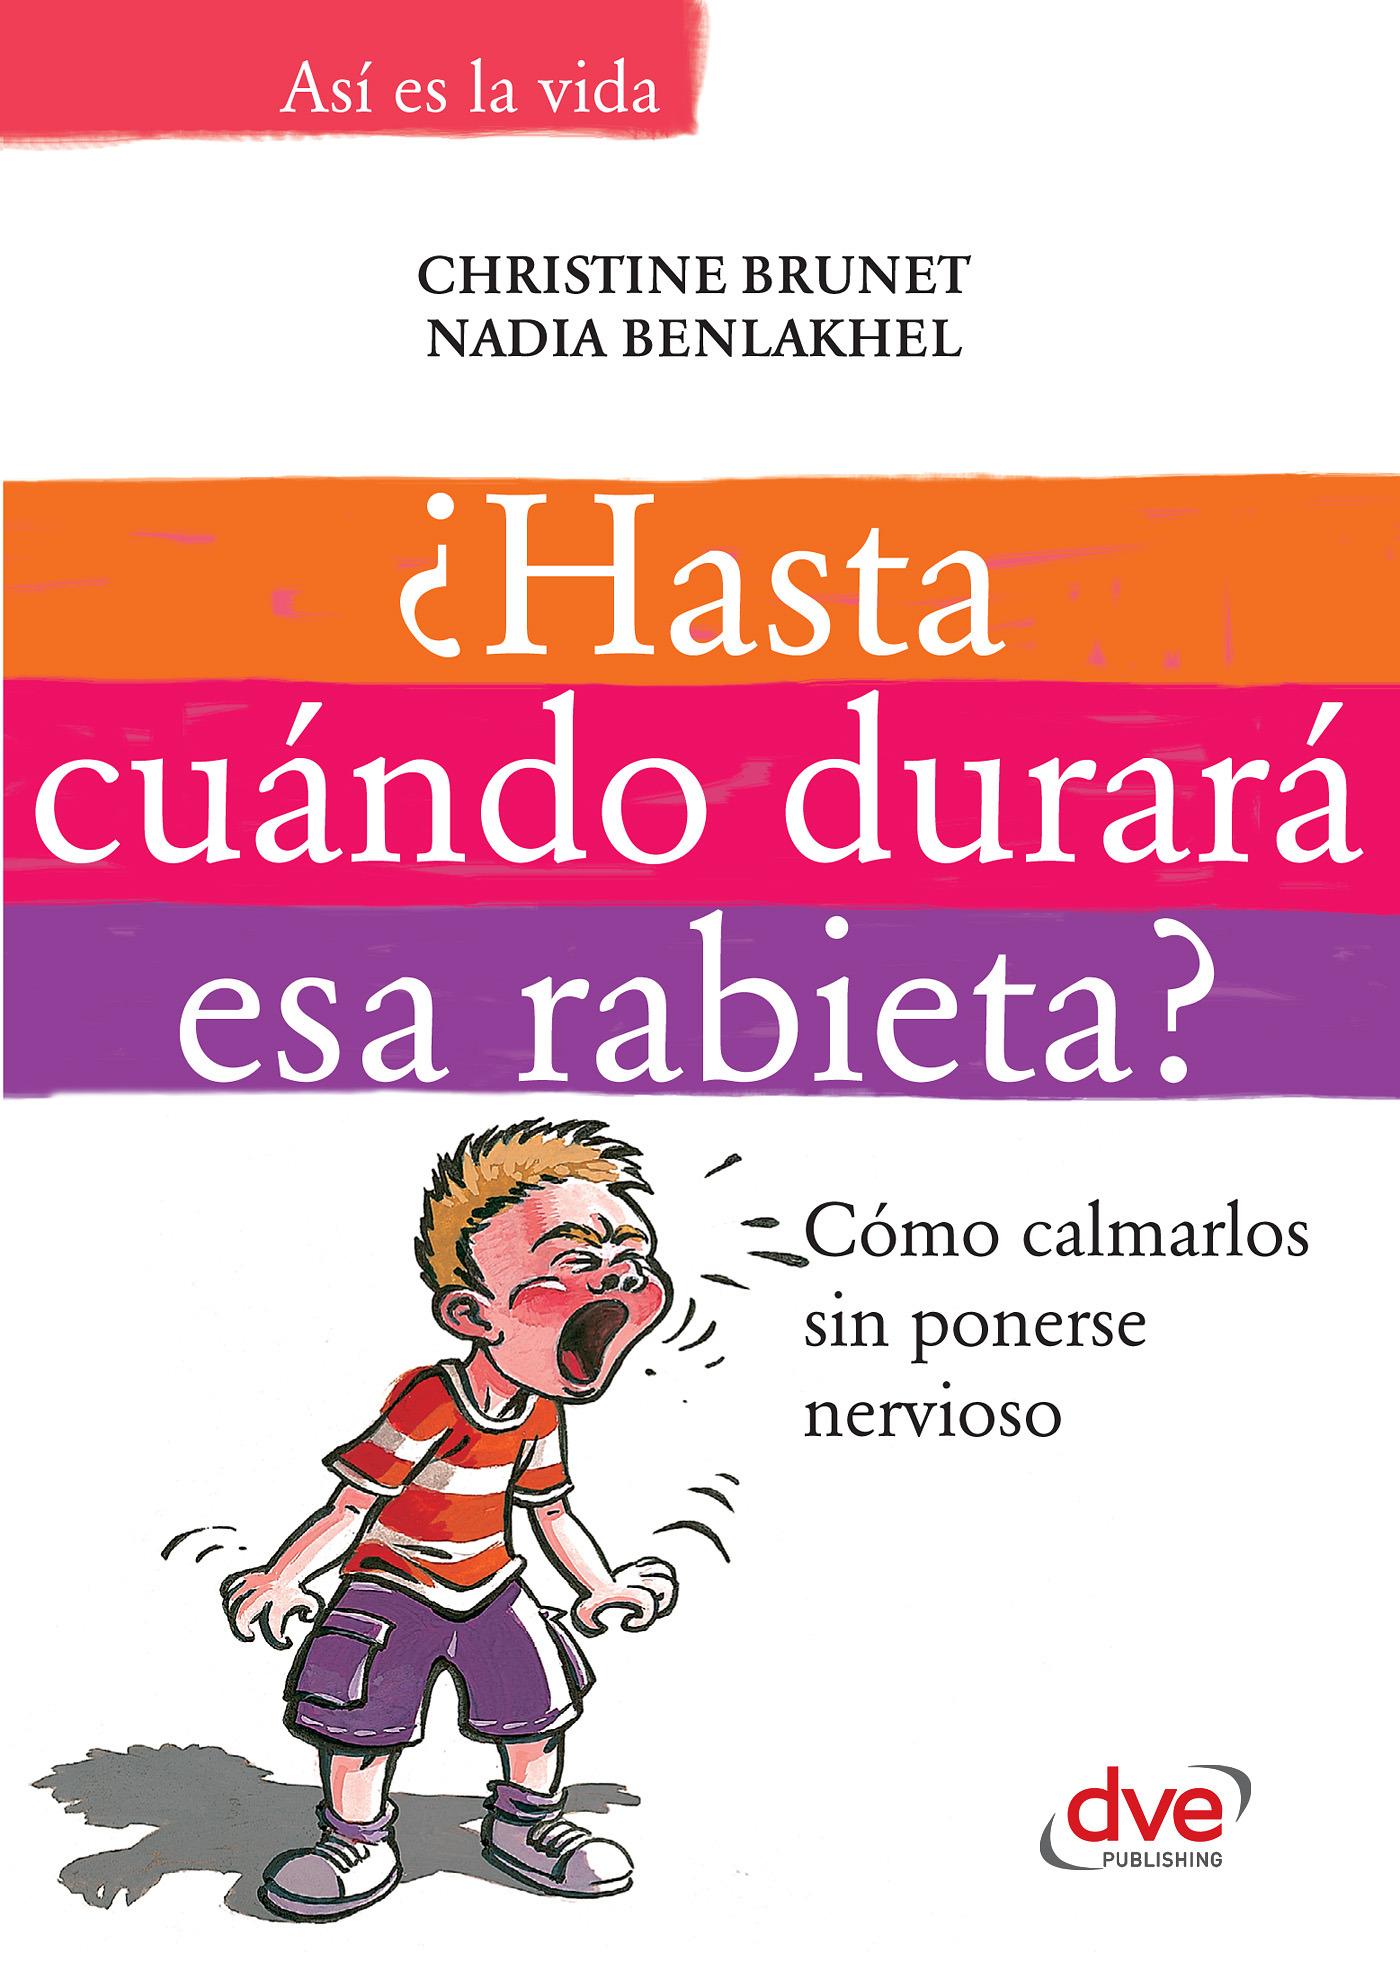 Benlakhel, Nadia - ¿Hasta cuándo durará esa rabieta?: Cómo calmarlos sin ponerse nervioso, ebook